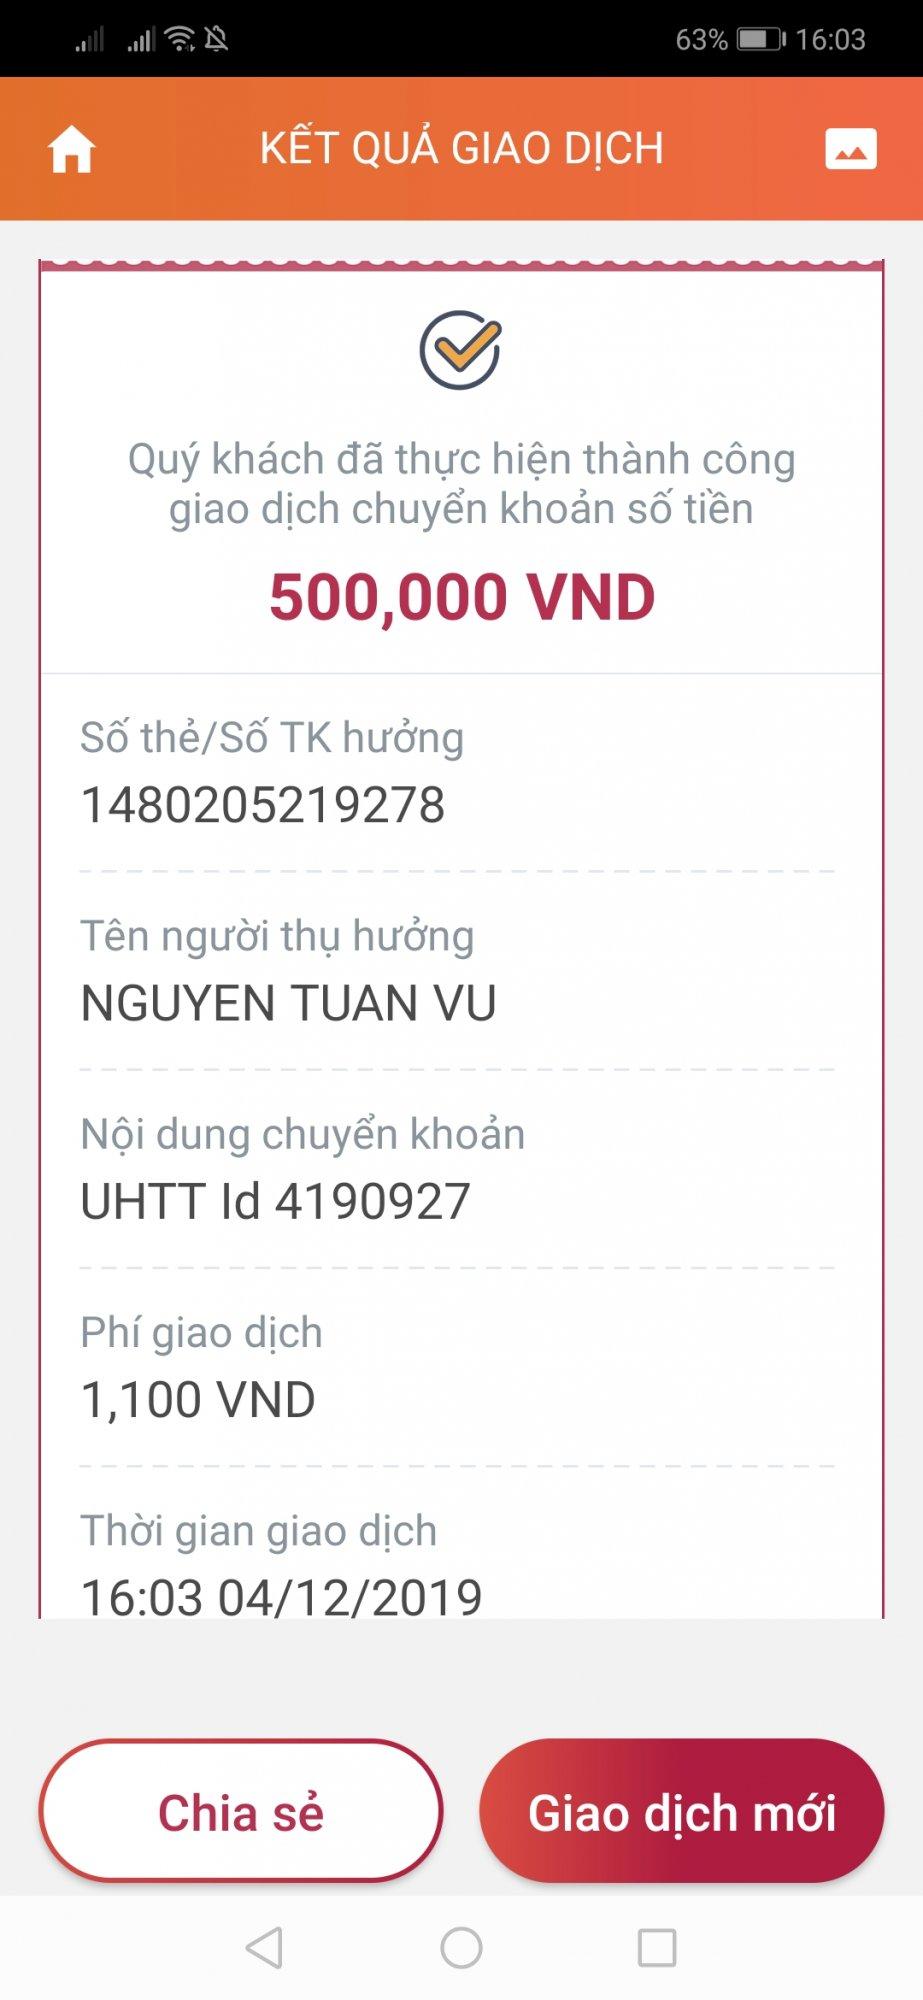 Screenshot_20191204_160338_com.vnpay.Agribank3g.